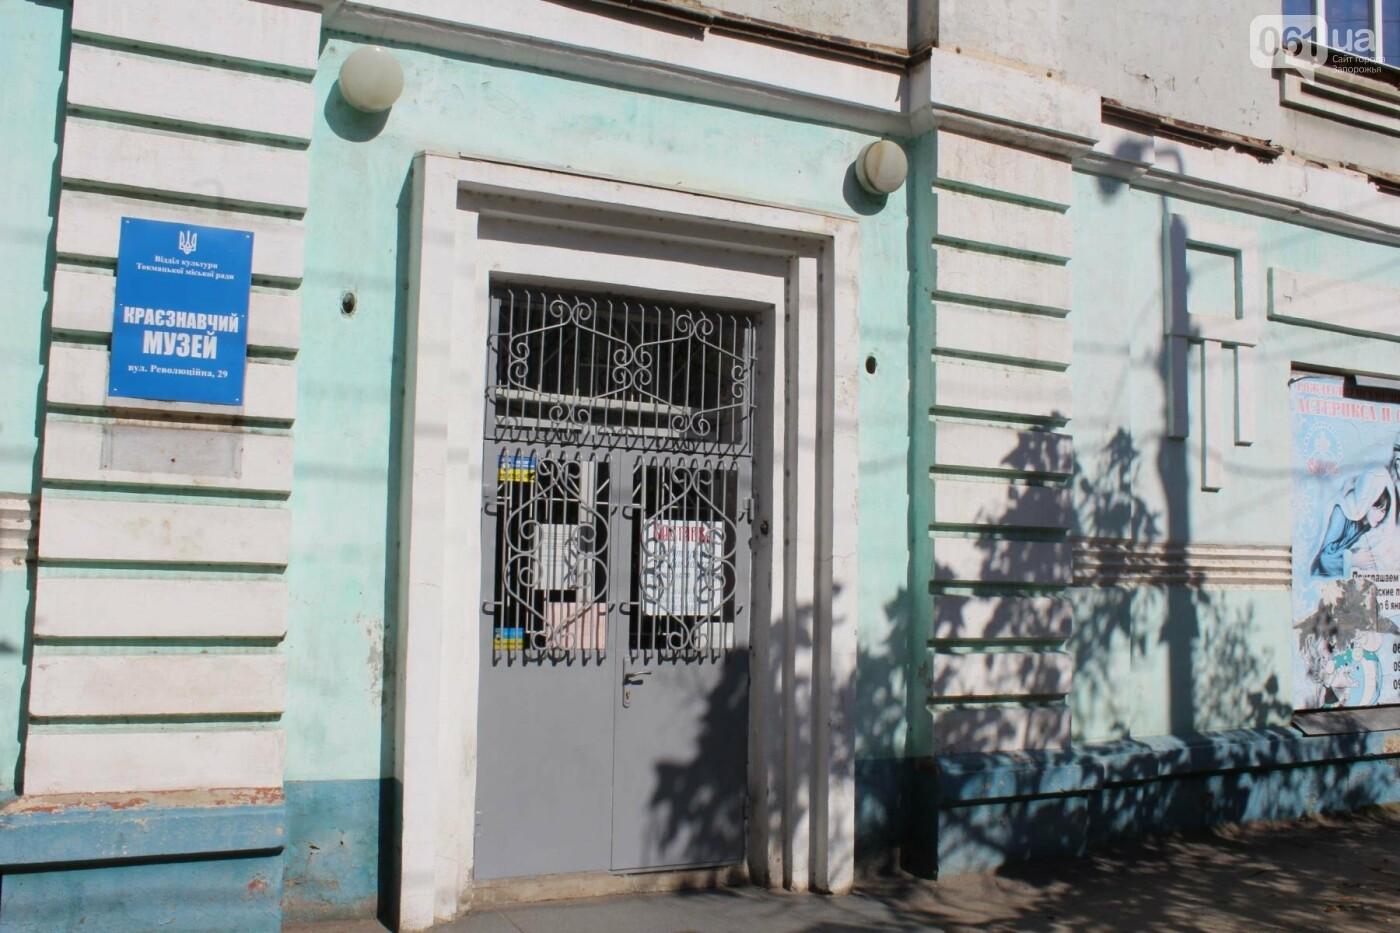 Как там в Токмаке: репортаж из официально депрессивного города, фото-49